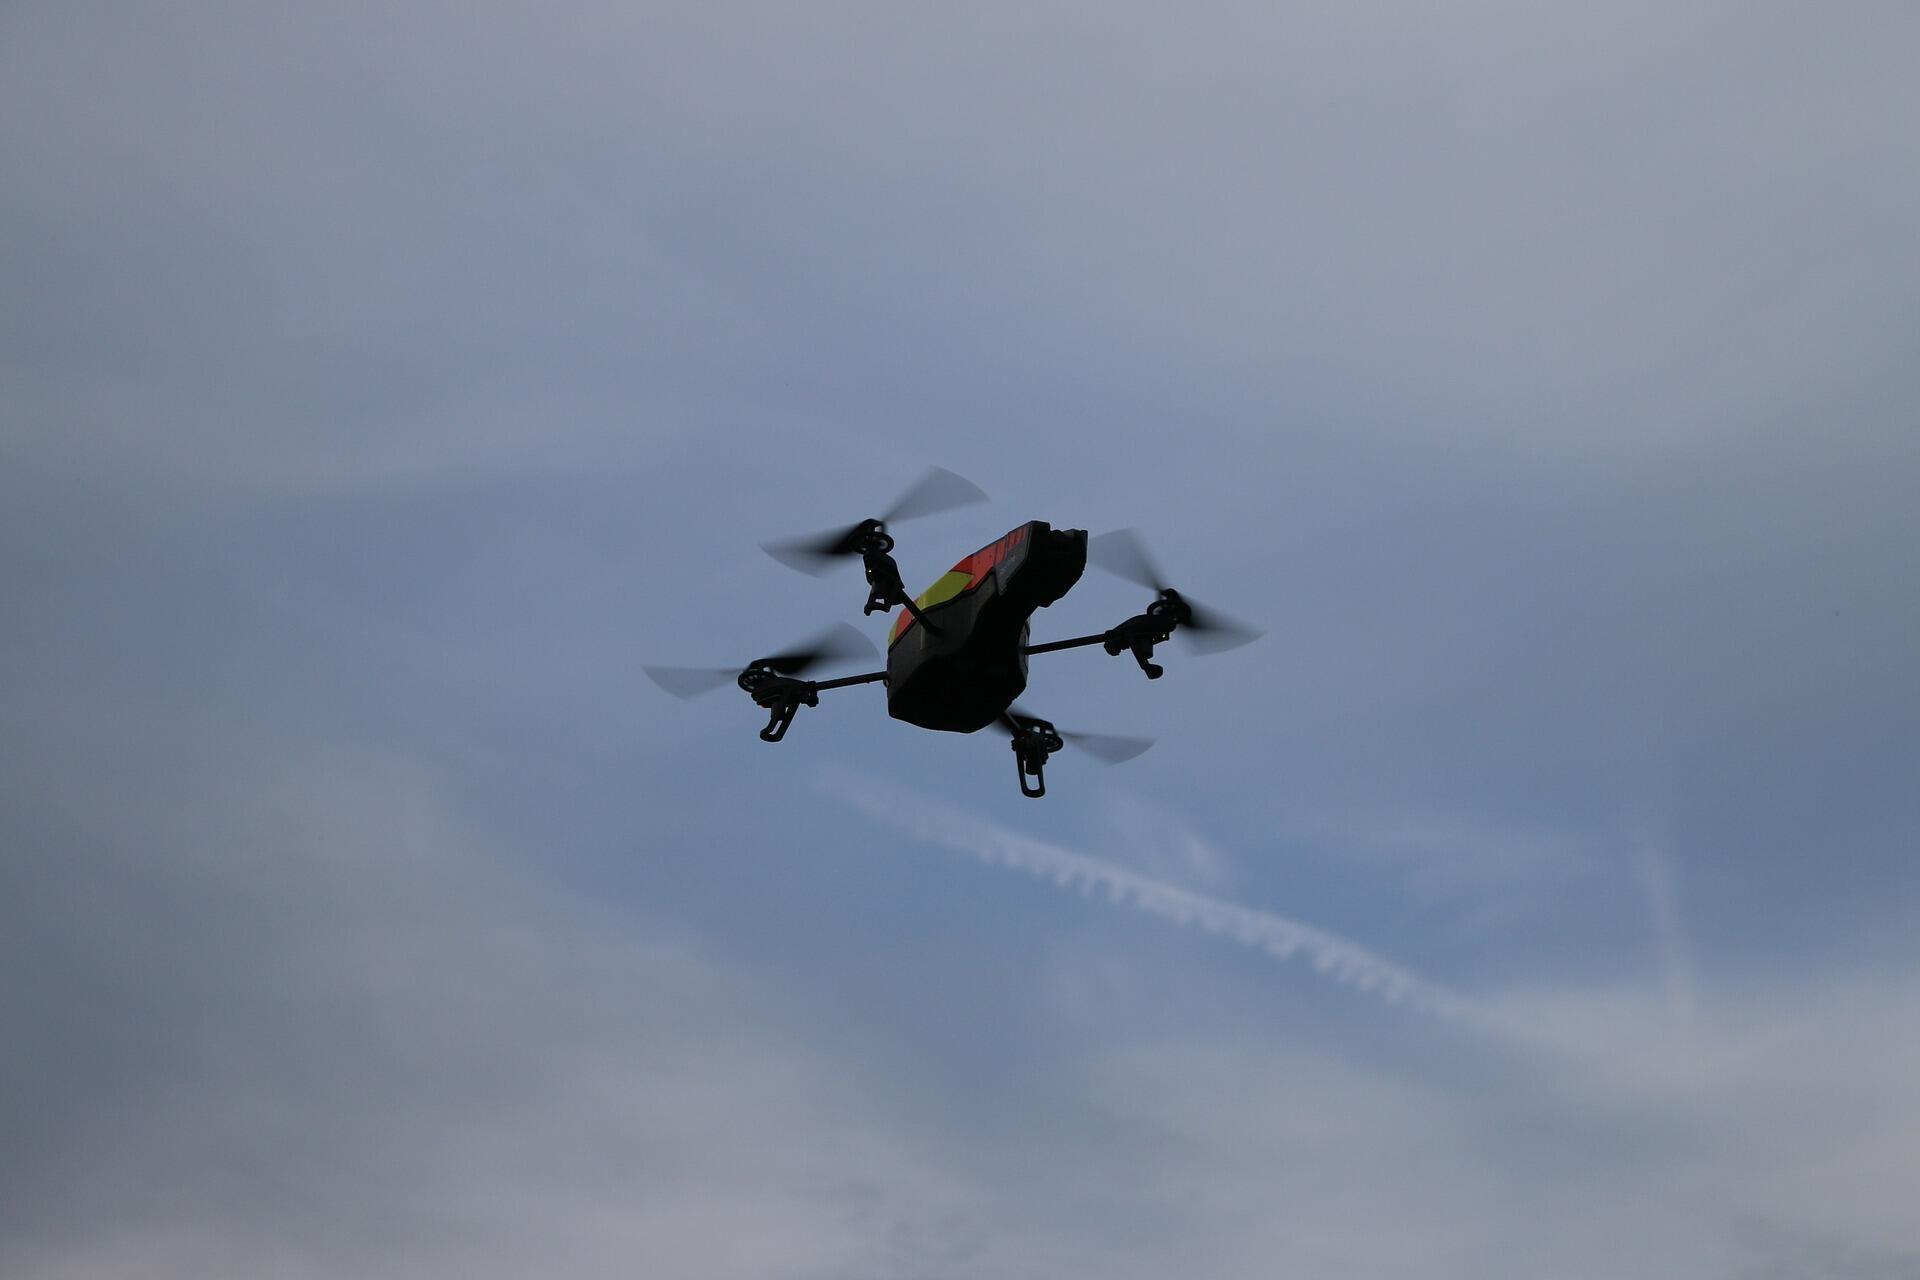 drone-980473_1920